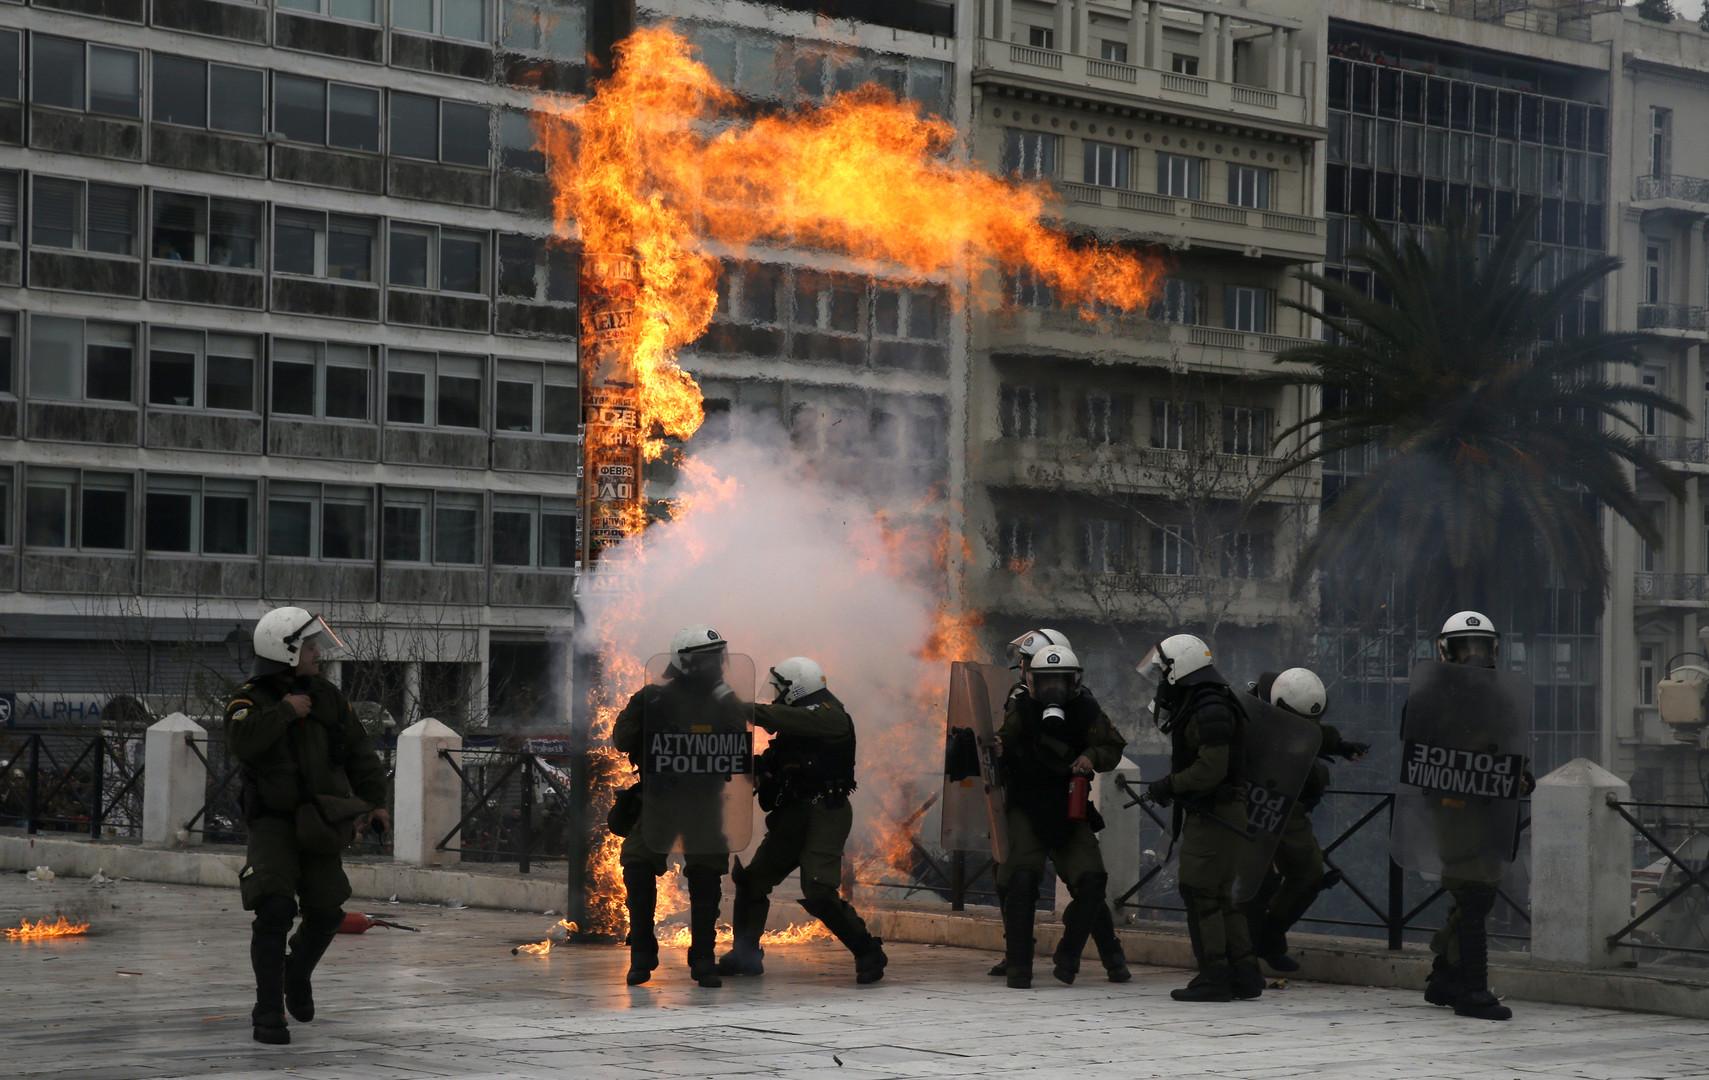 Des gaz lacrymogènes et des cocktails Molotov déployés pendant la grève générale en Grèce (VIDEOS)